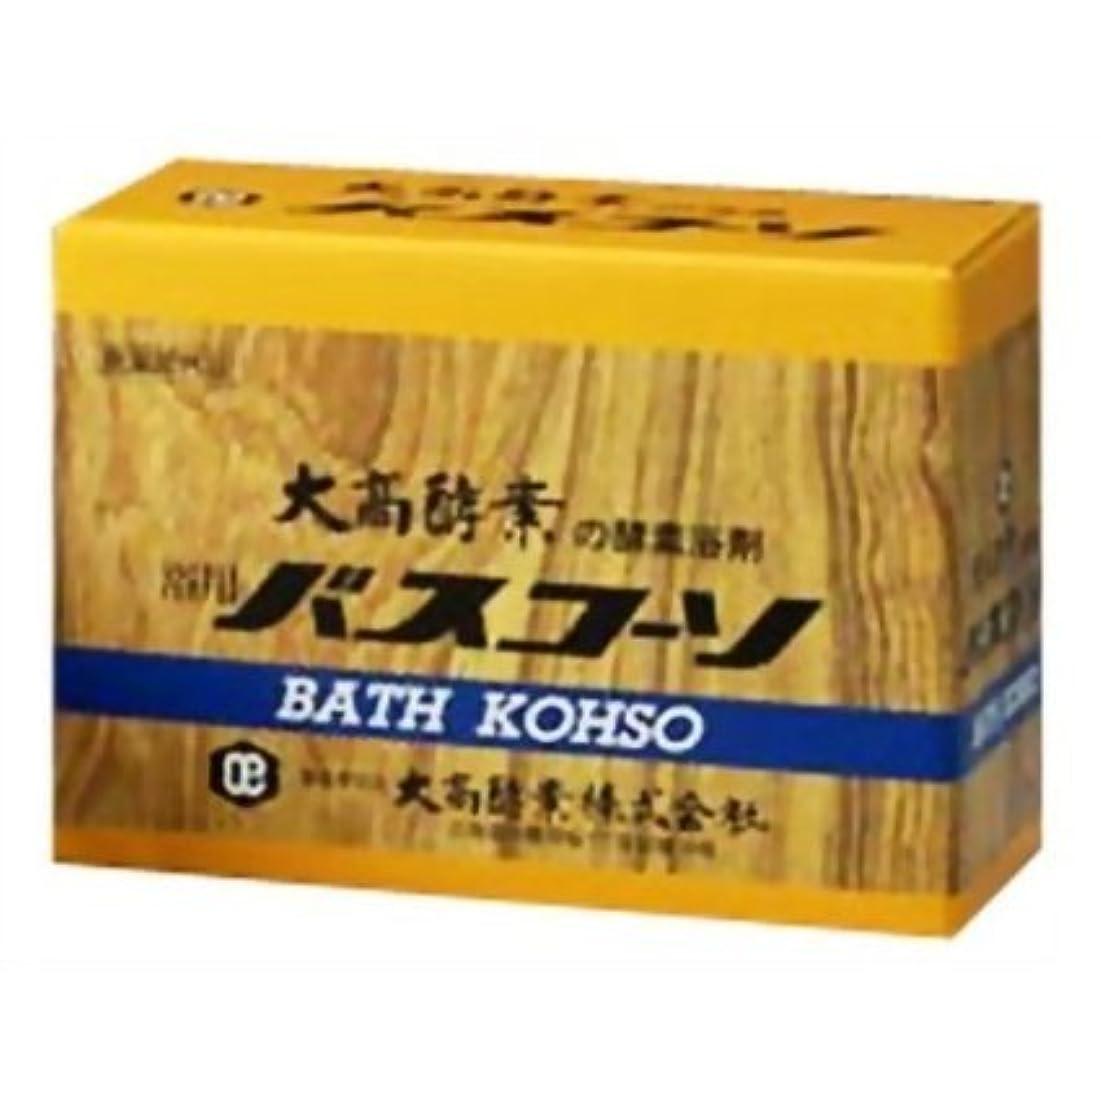 イルモート豚肉大高酵素 浴用バスコーソ 100gx6 【4個セット】